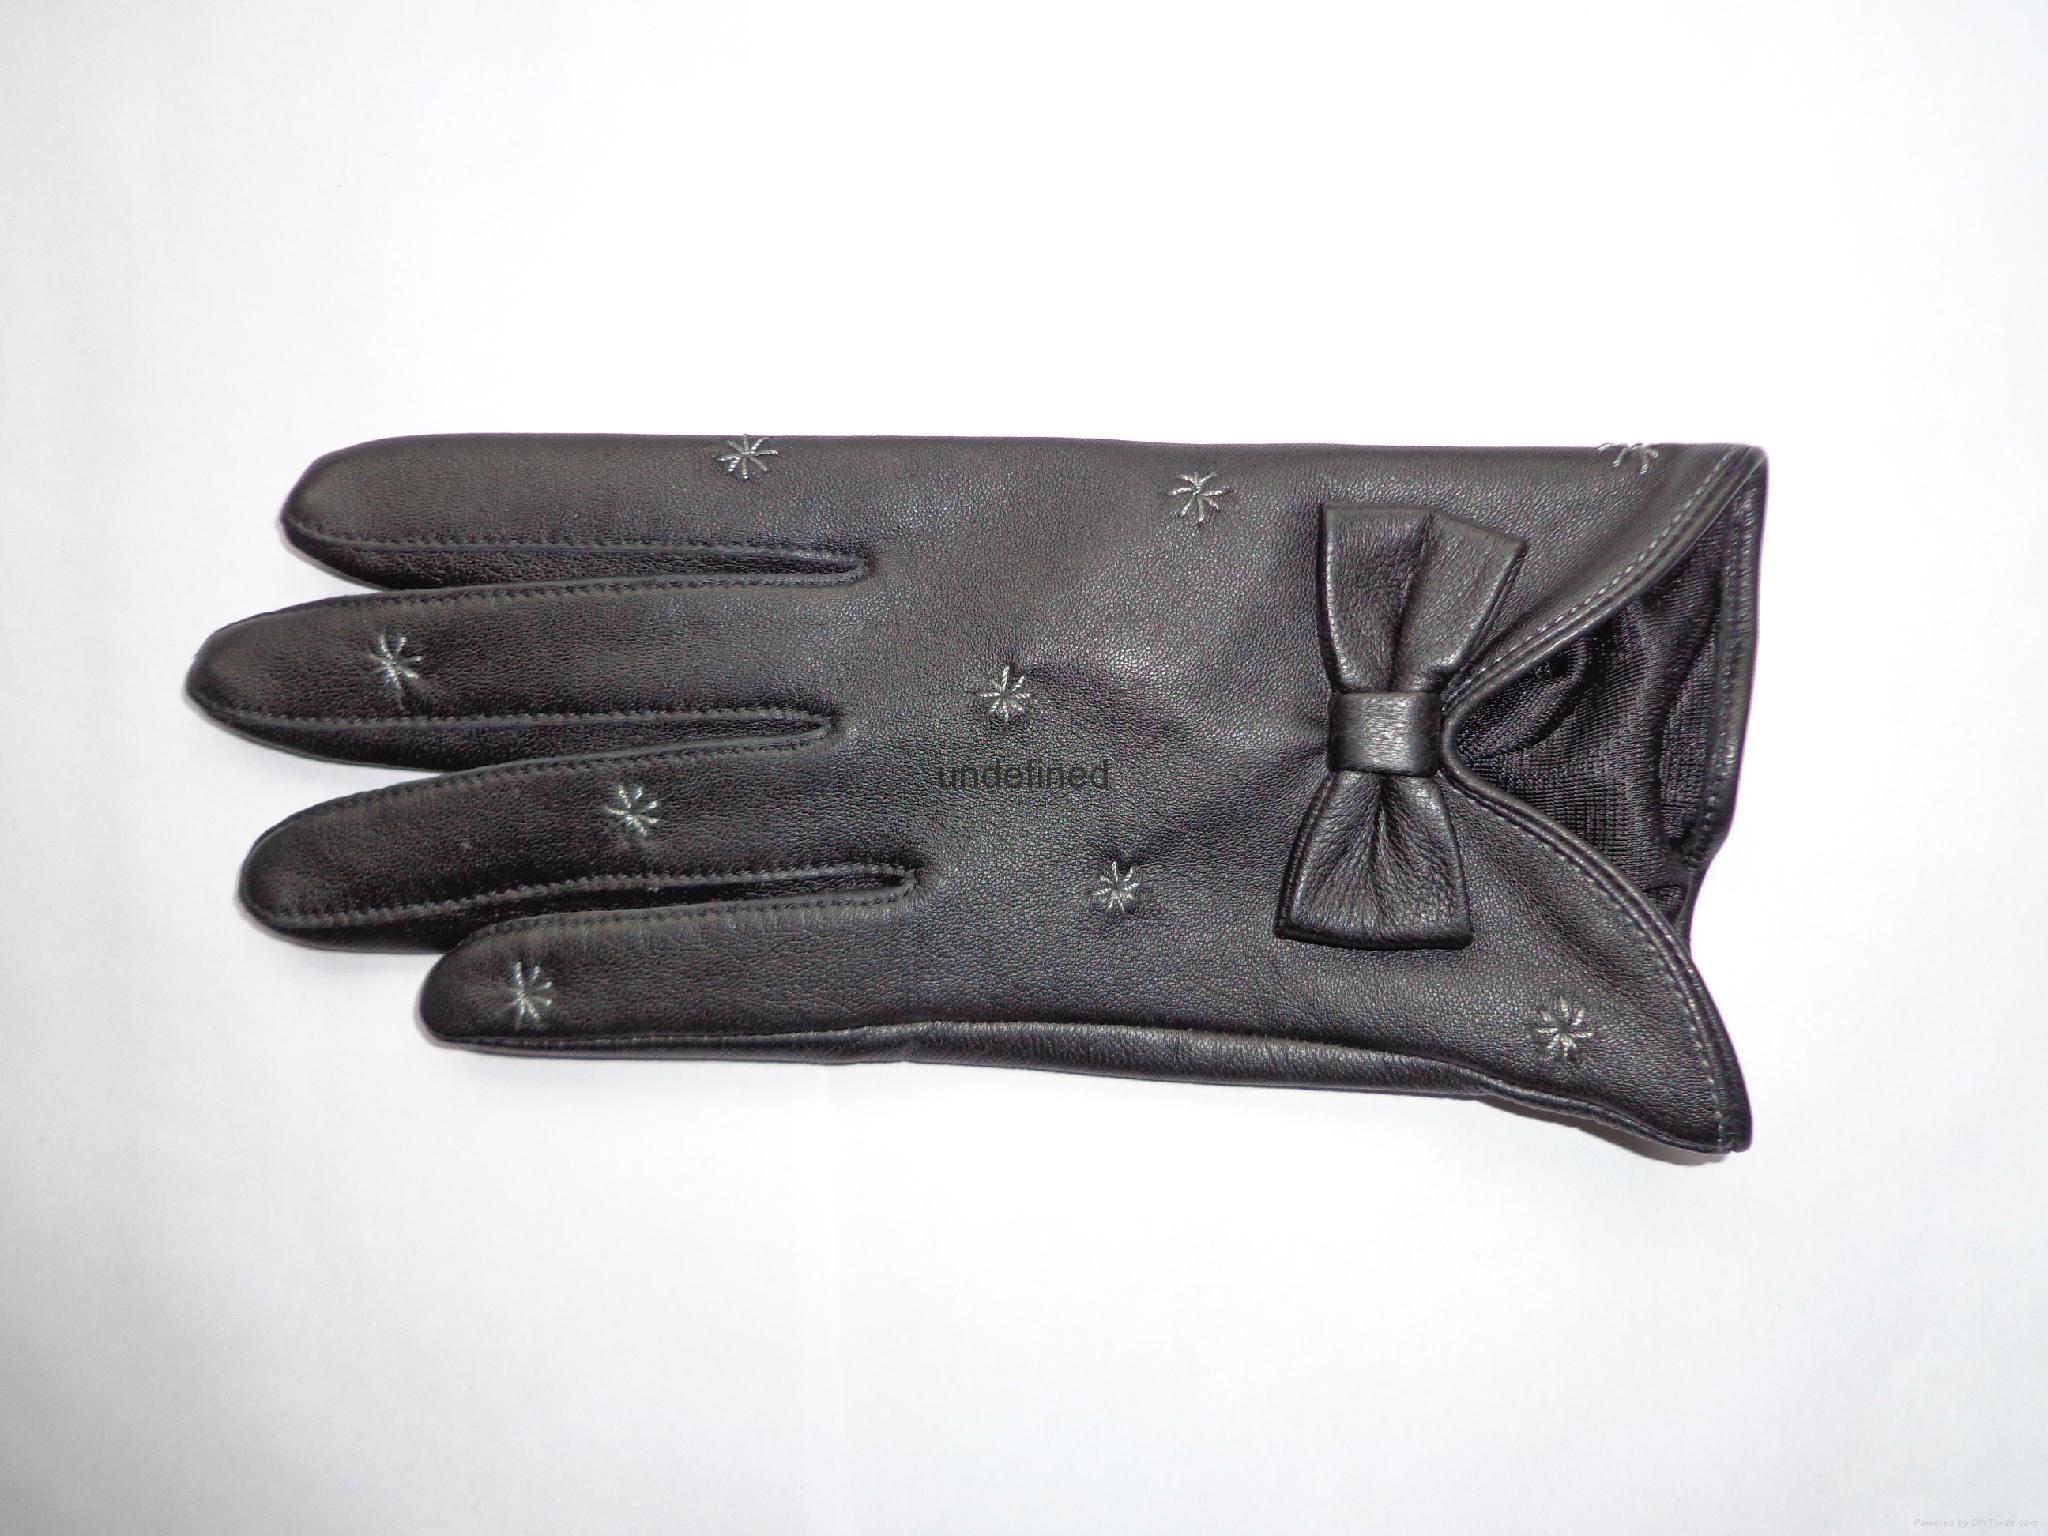 供應時尚保暖皮手套 1